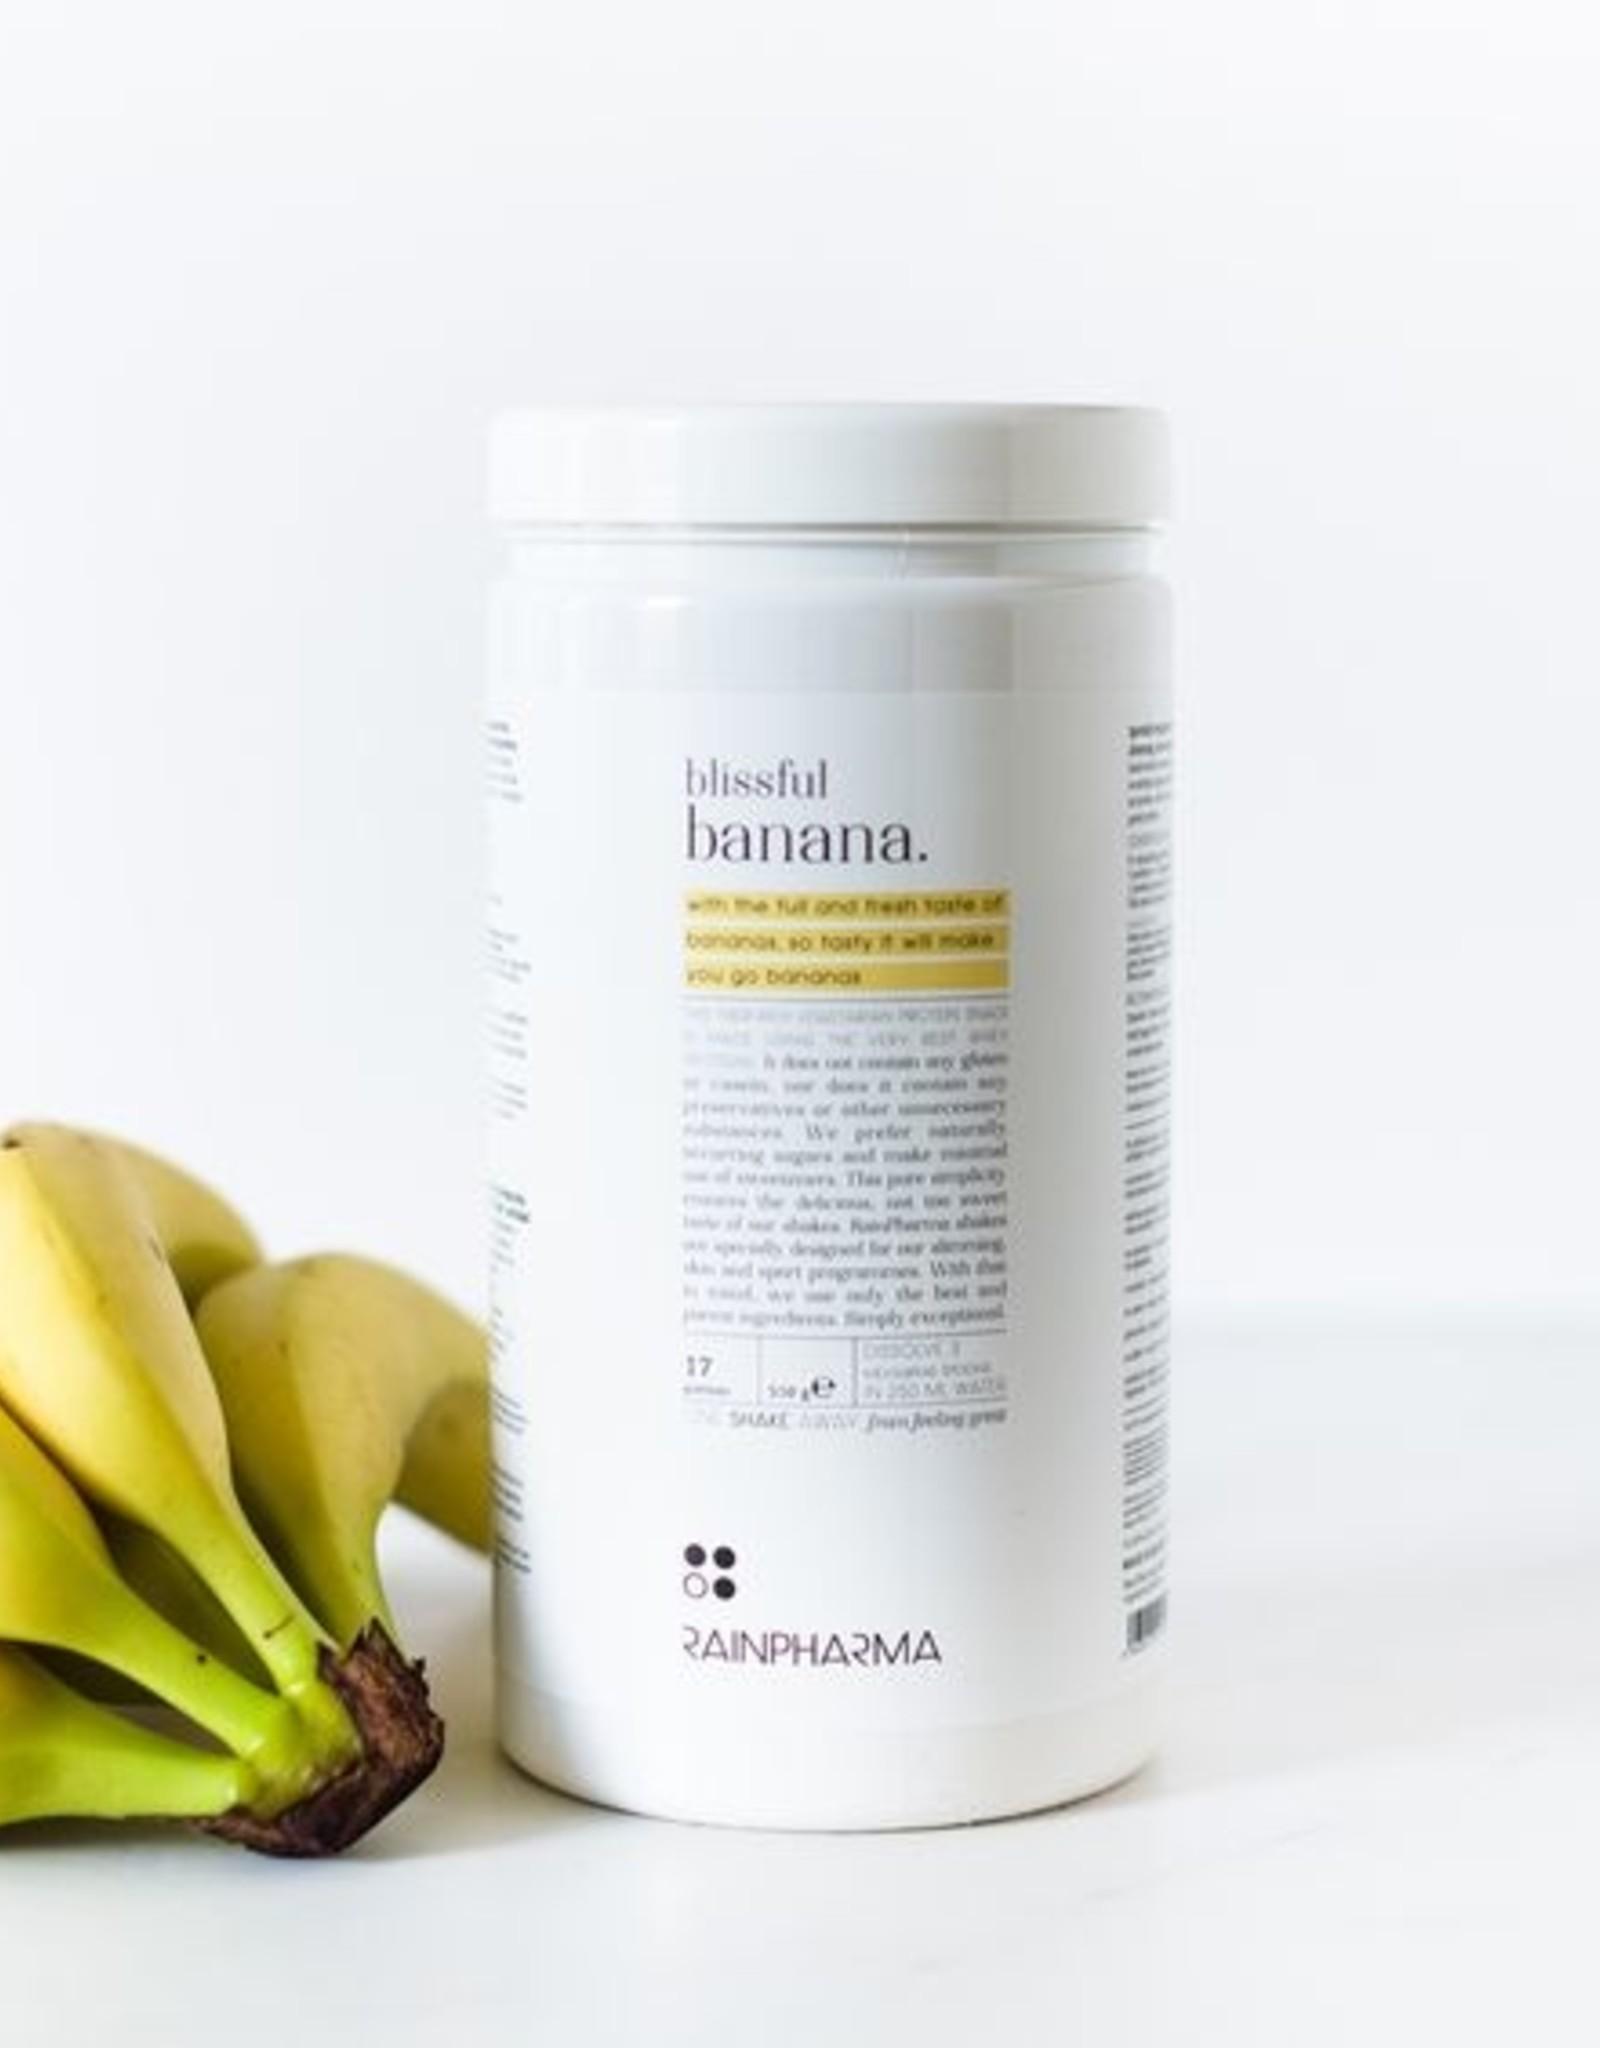 RainPharma Rainpharma - Blissful Banana